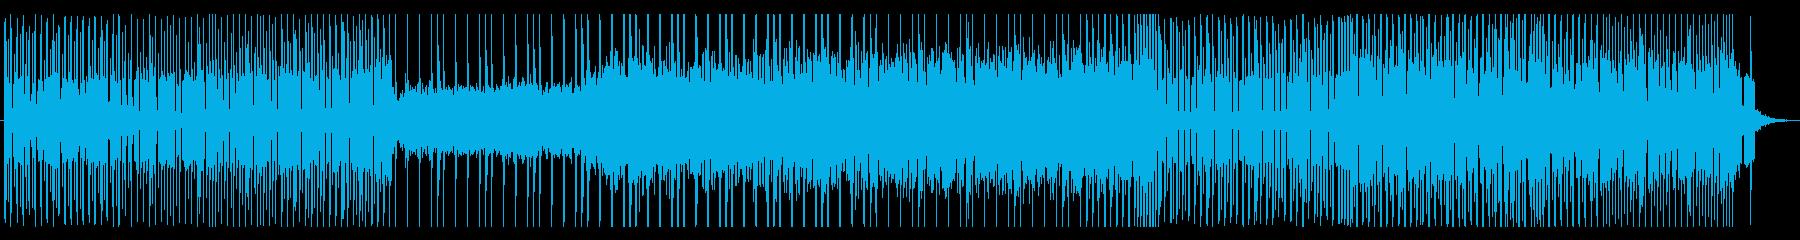 対戦コンテンツ用のヘヴィ・テクノの再生済みの波形